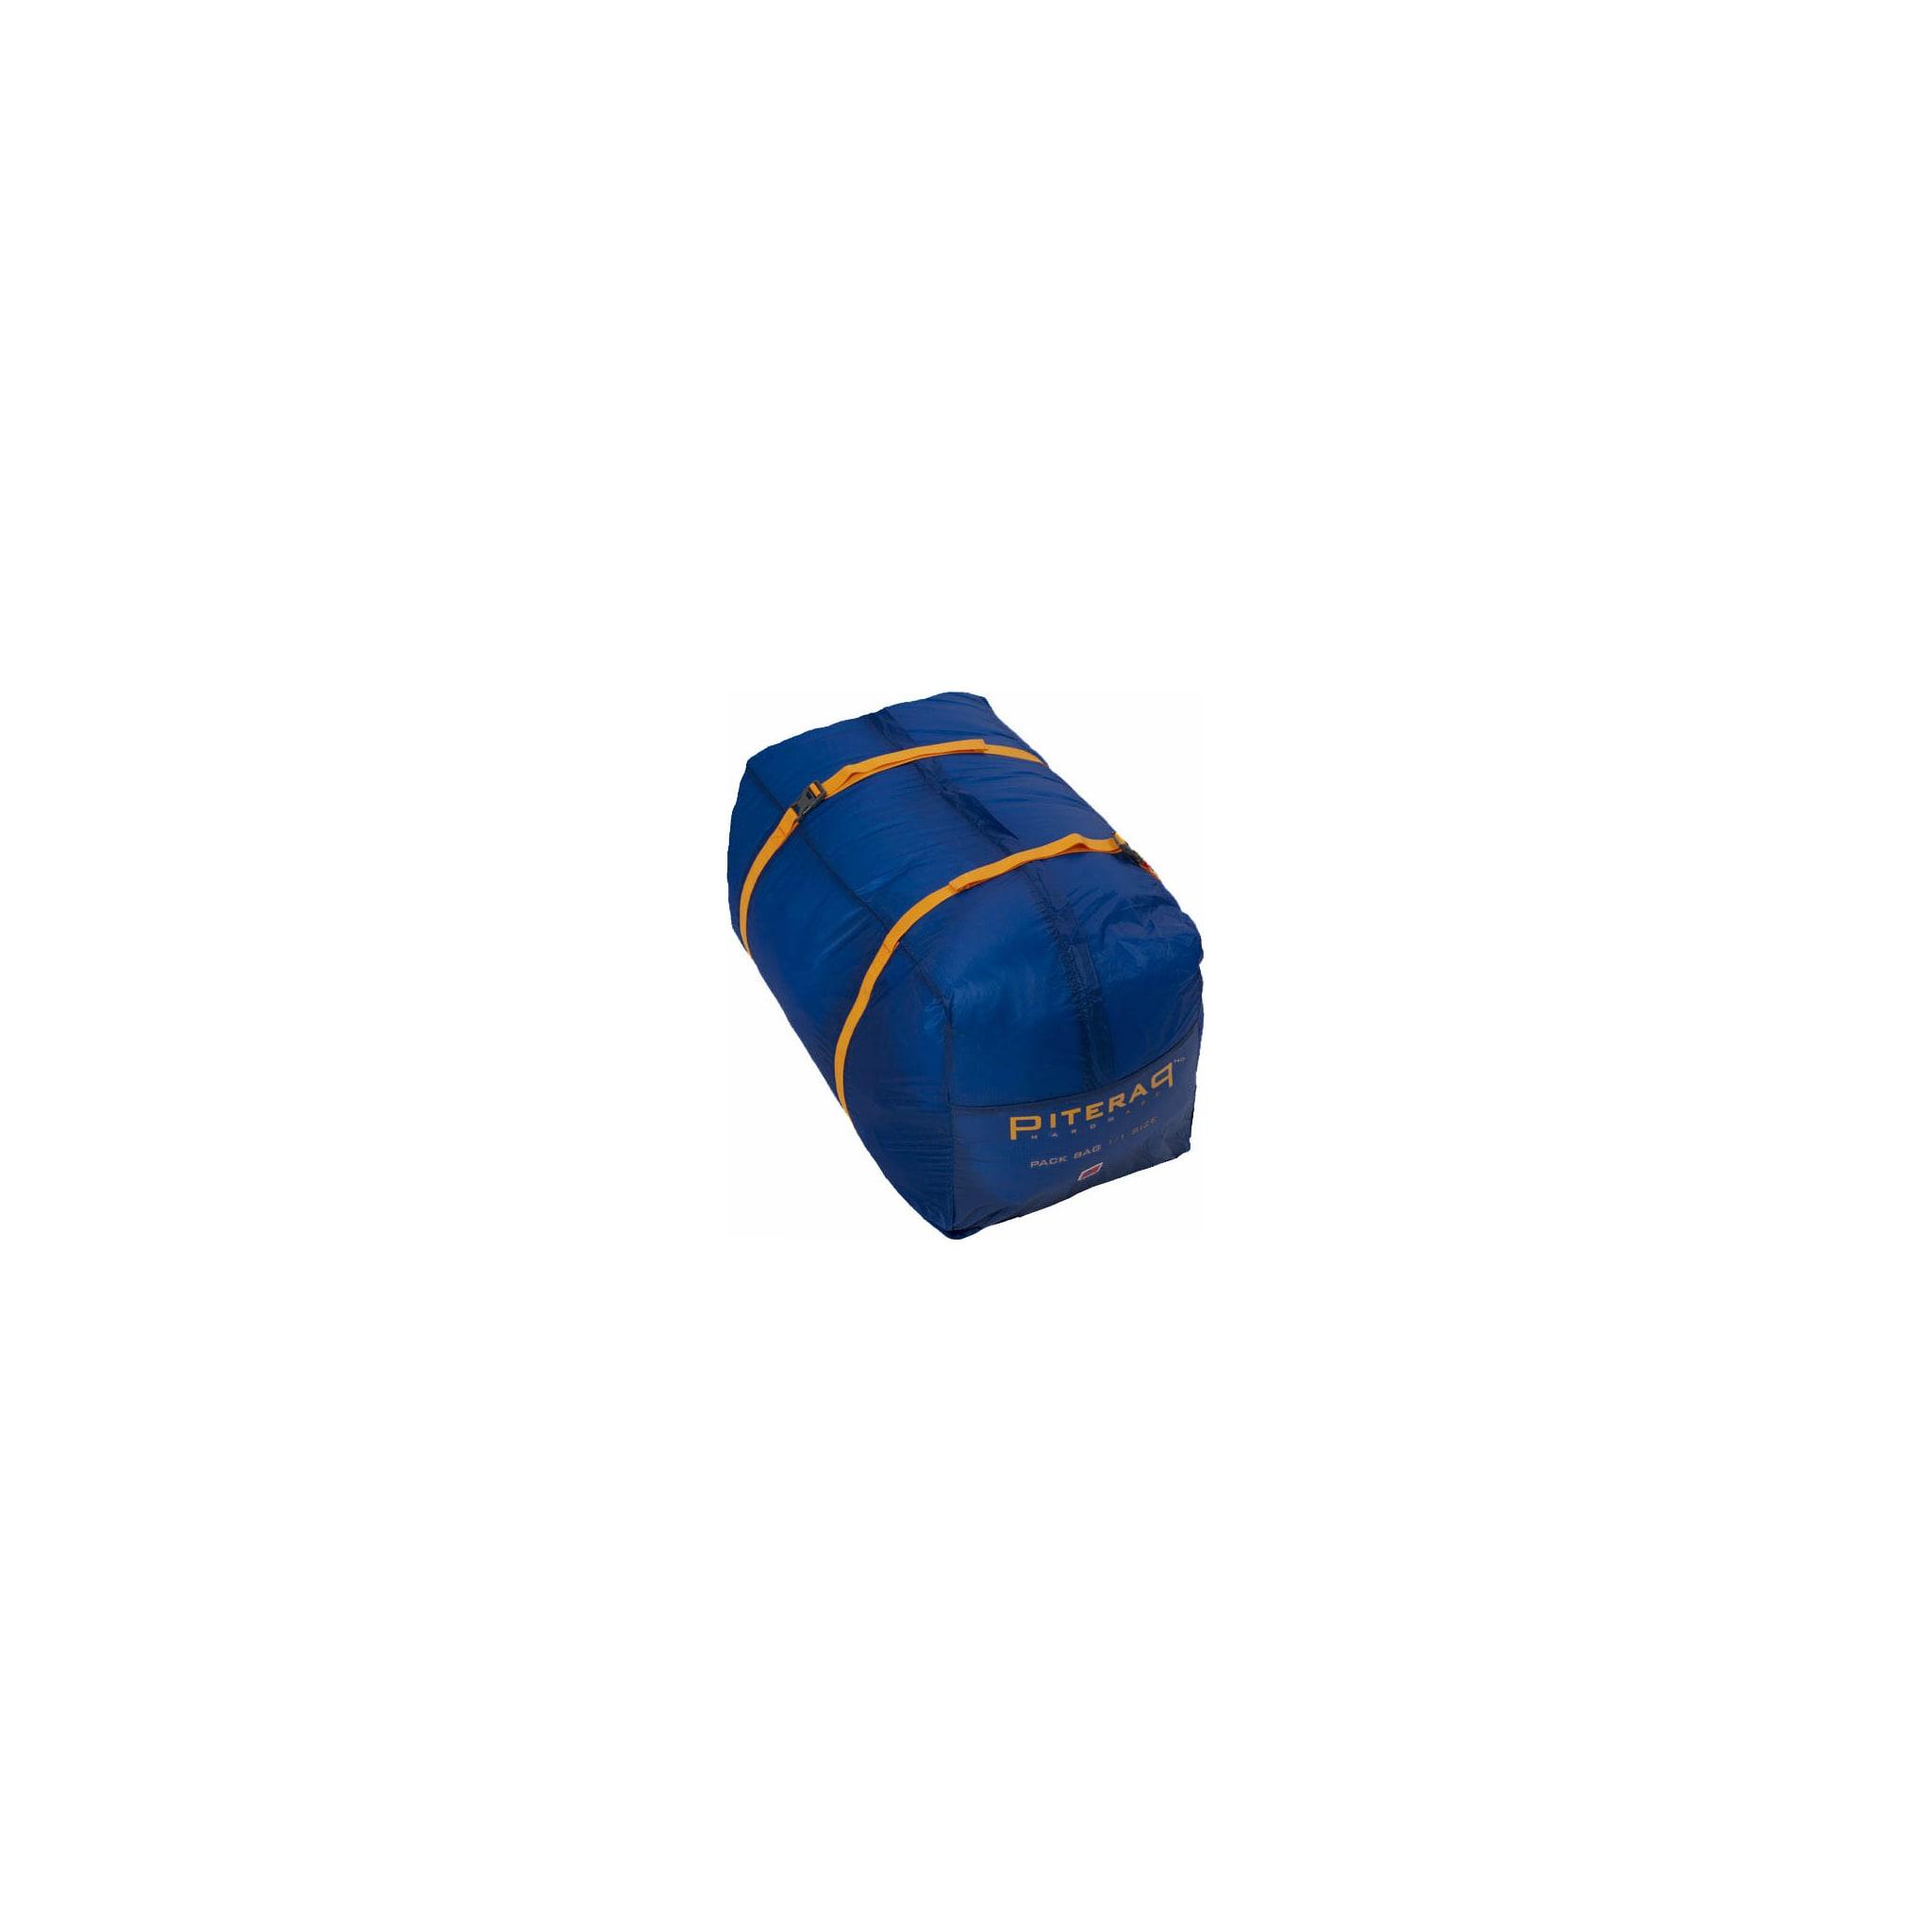 Slitesterk pakkbag til pulk, halv størrelse